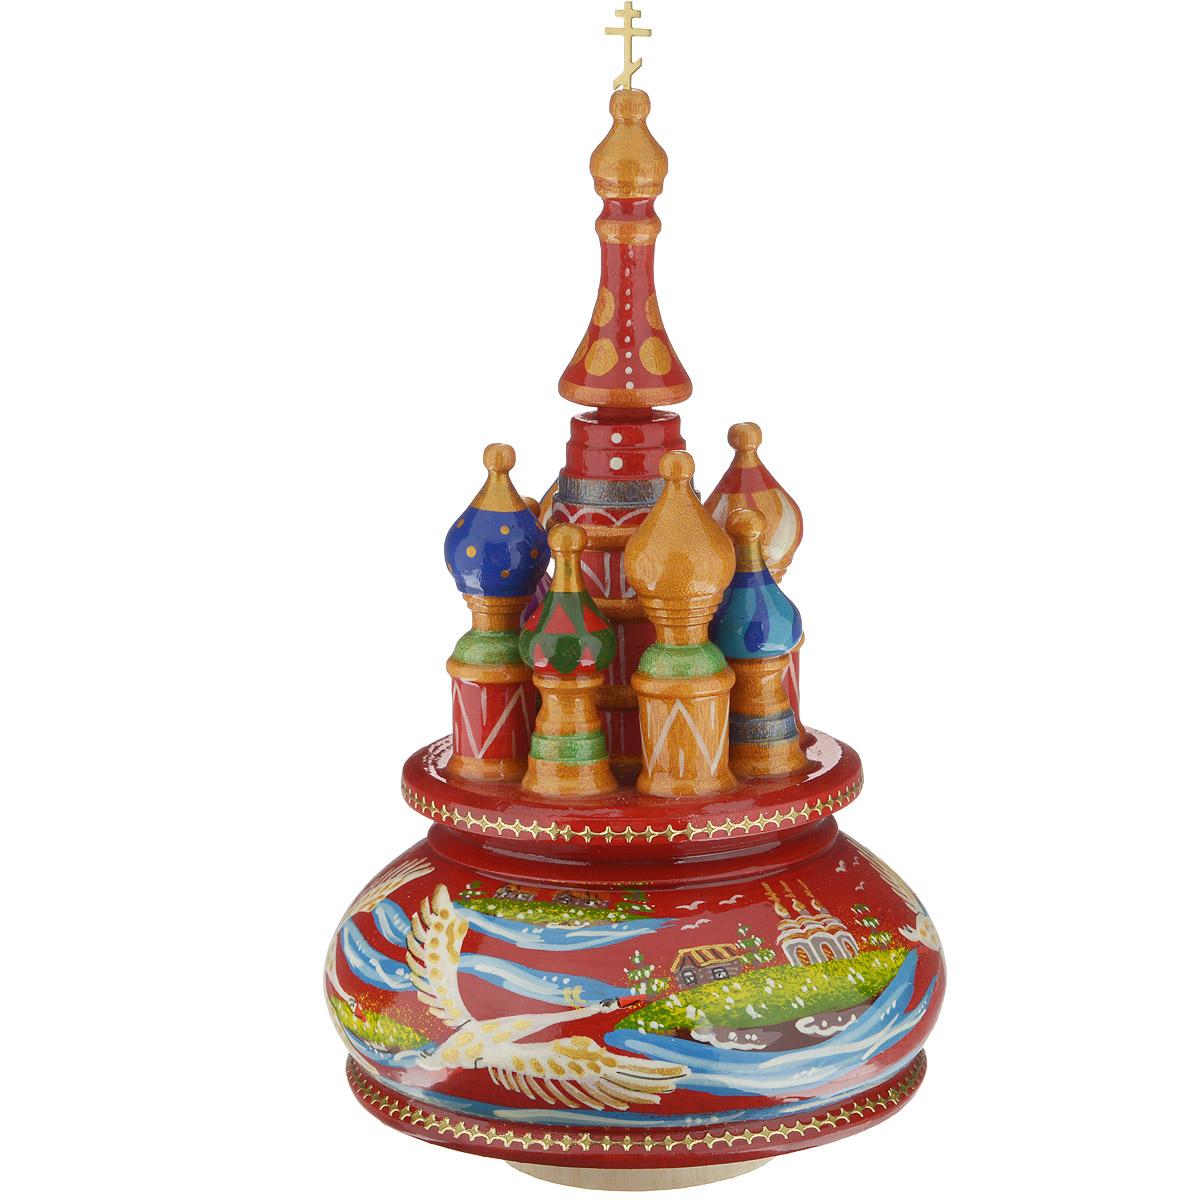 Фигурка декоративная Sima-land Храм, музыкальная, высота 21 см. 1079927 фигурка декоративная sima land мишка высота 18 см